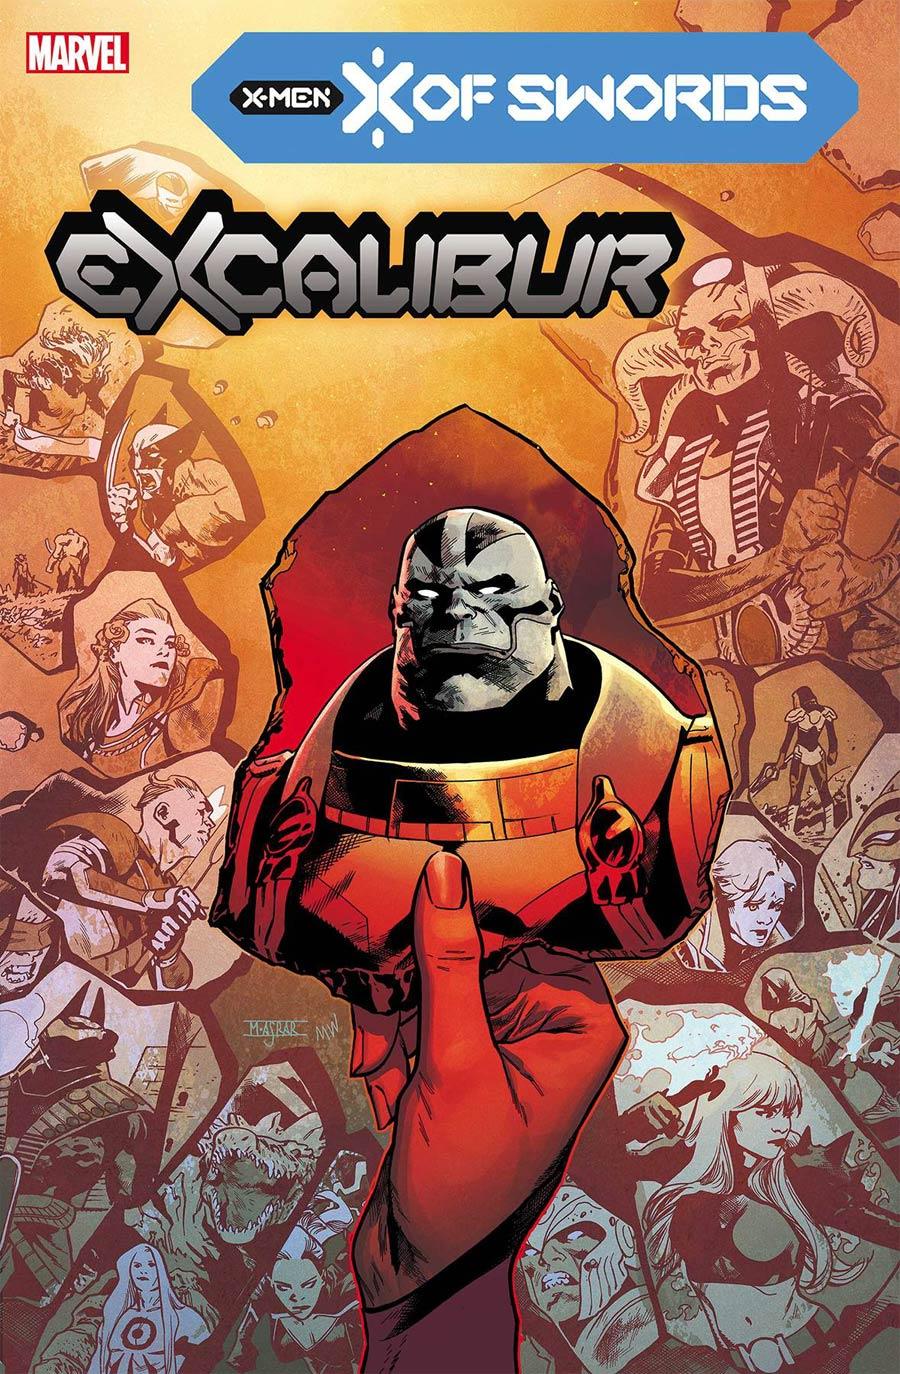 Excalibur Vol 4 #15 Cover A Regular Mahmud Asrar Cover (X Of Swords Part 21)